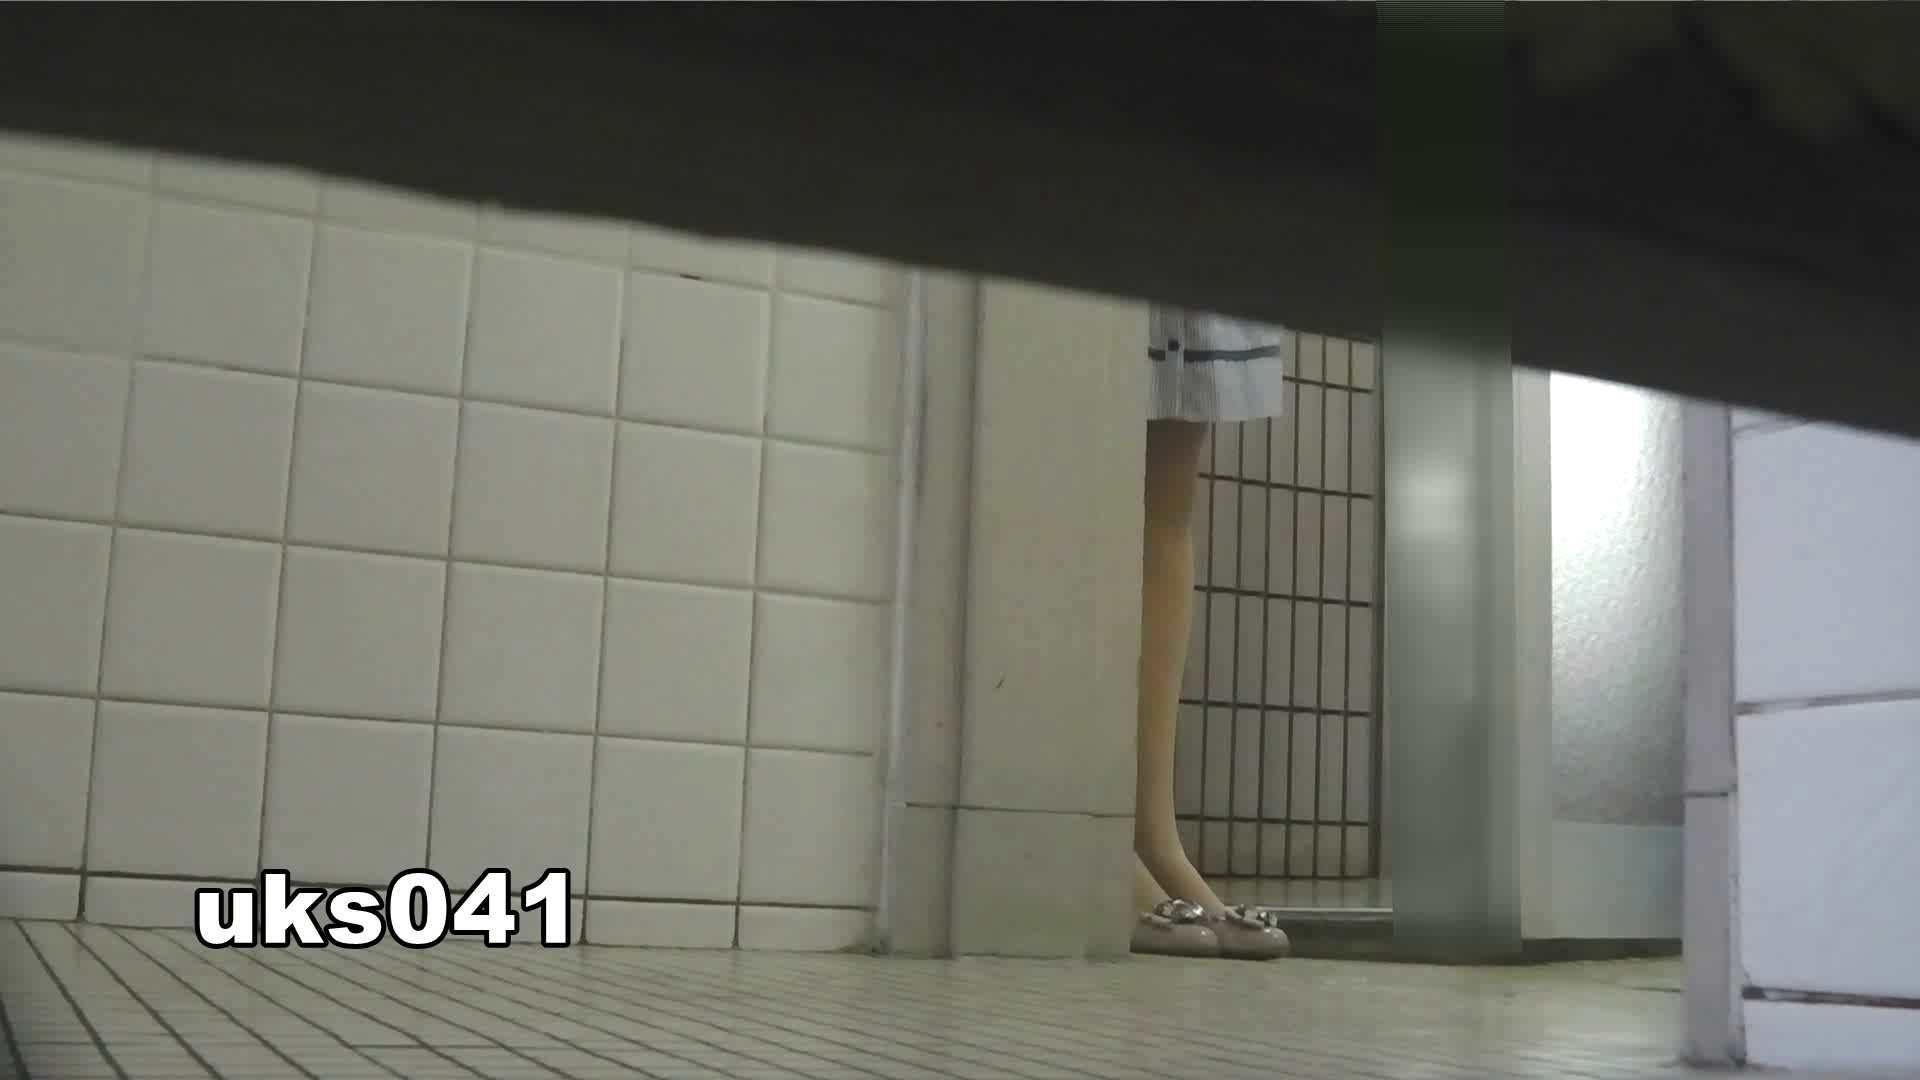 【美しき個室な世界】 vol.041 高評価 エロ画像 106画像 29